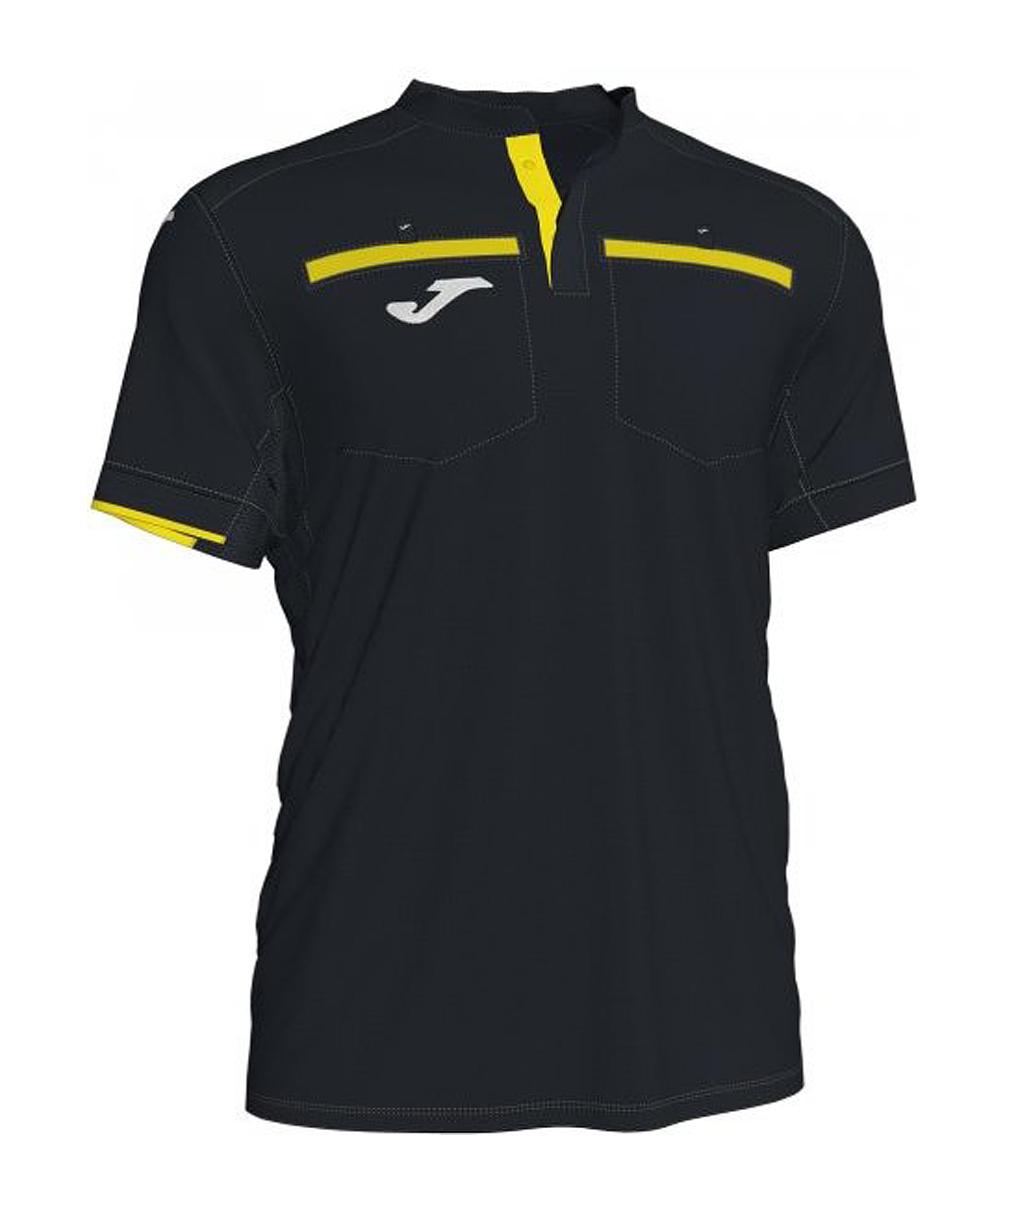 Судейская футболка Joma Referee 101299.121 купить в интернет-магазине в Новосибирске